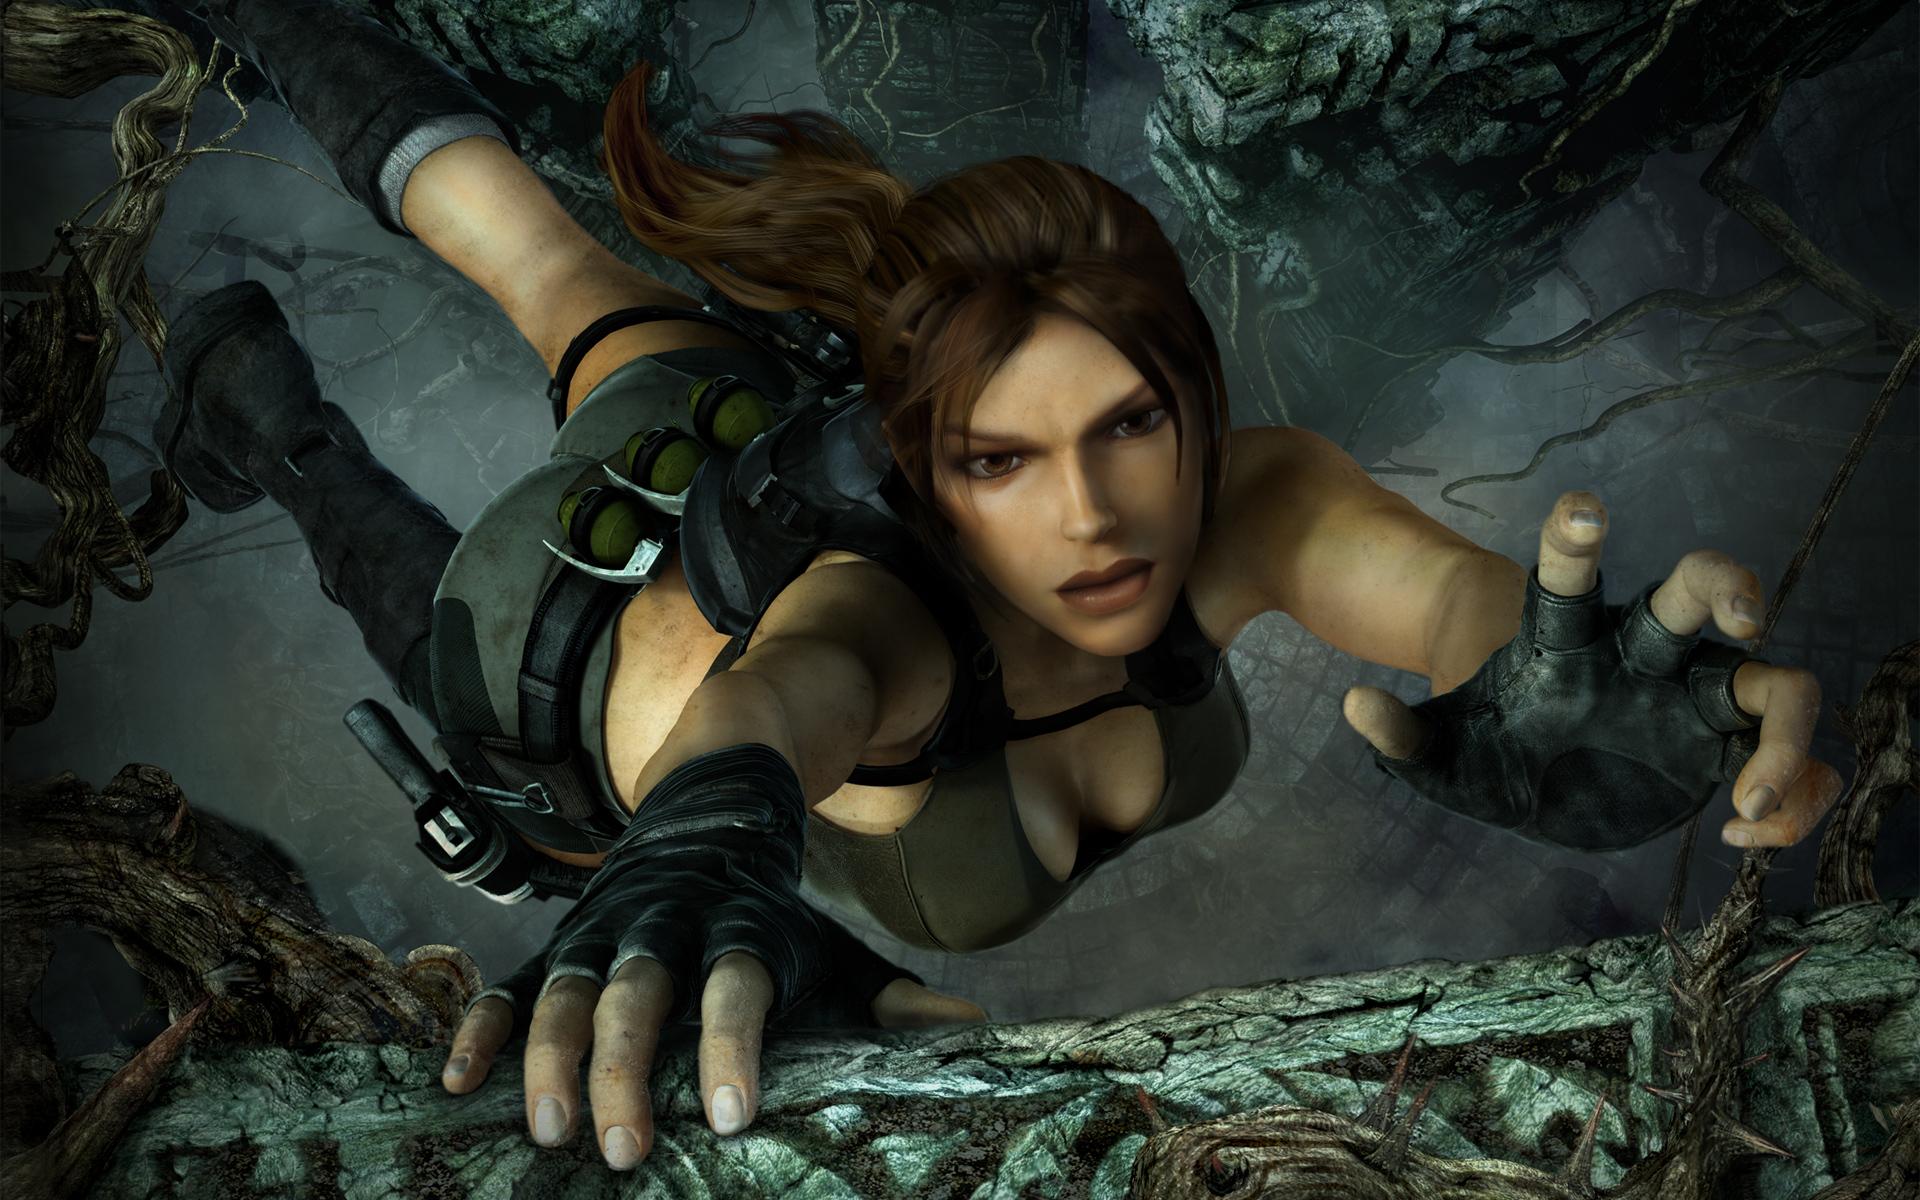 Картинка: Lara Croft, игра, Tomb Raider: Underworld, хватка, уступ, висит, оружие, пропасть